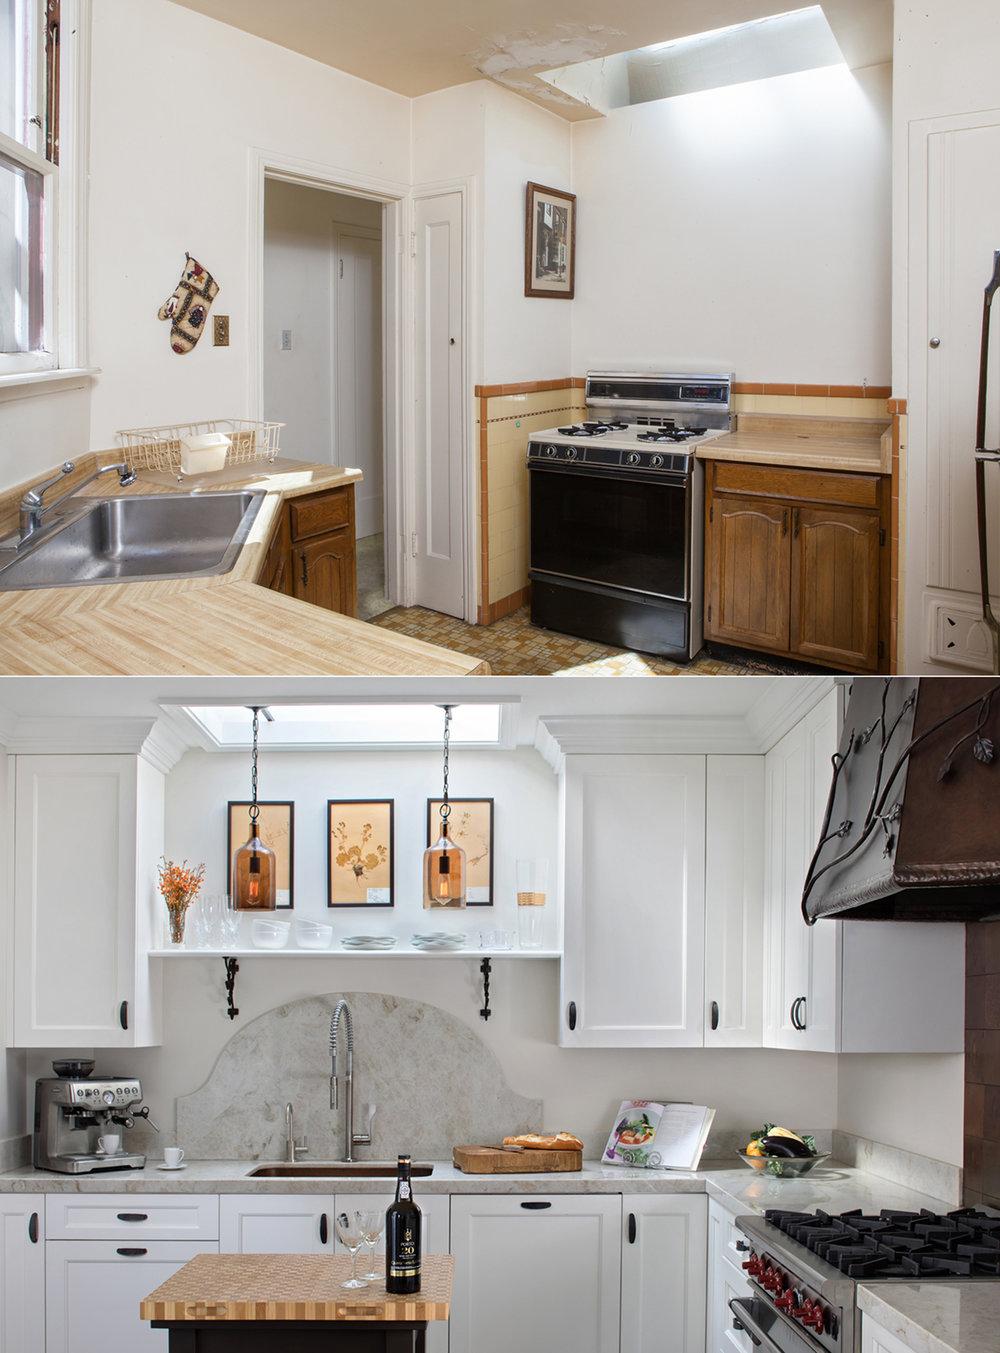 kitchen_beforeandafter.jpg